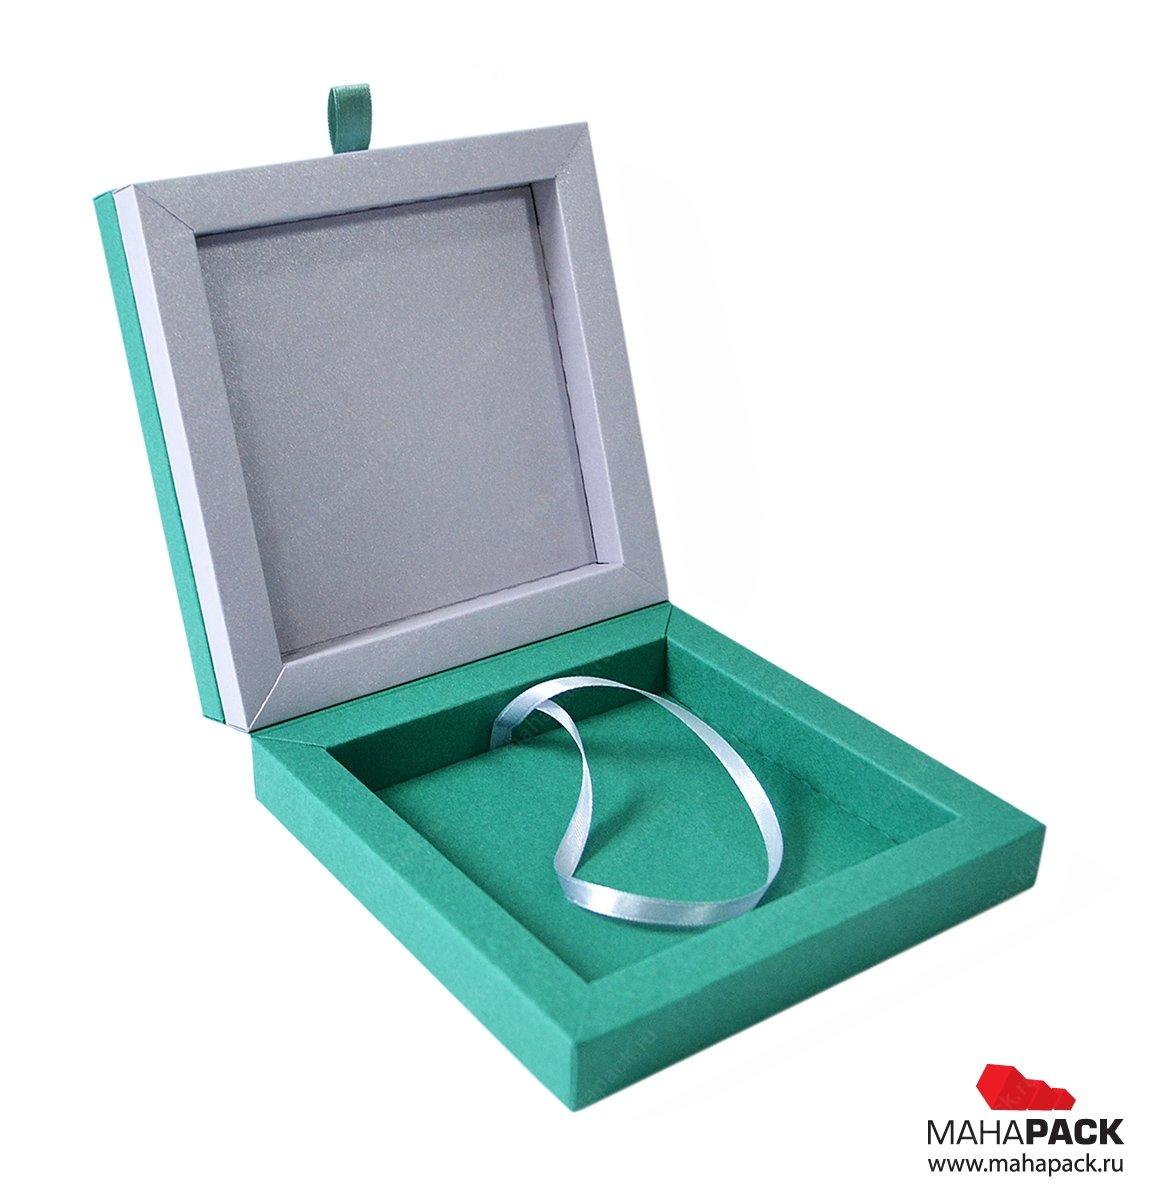 Креативная упаковка на магнитах для значка и буклета